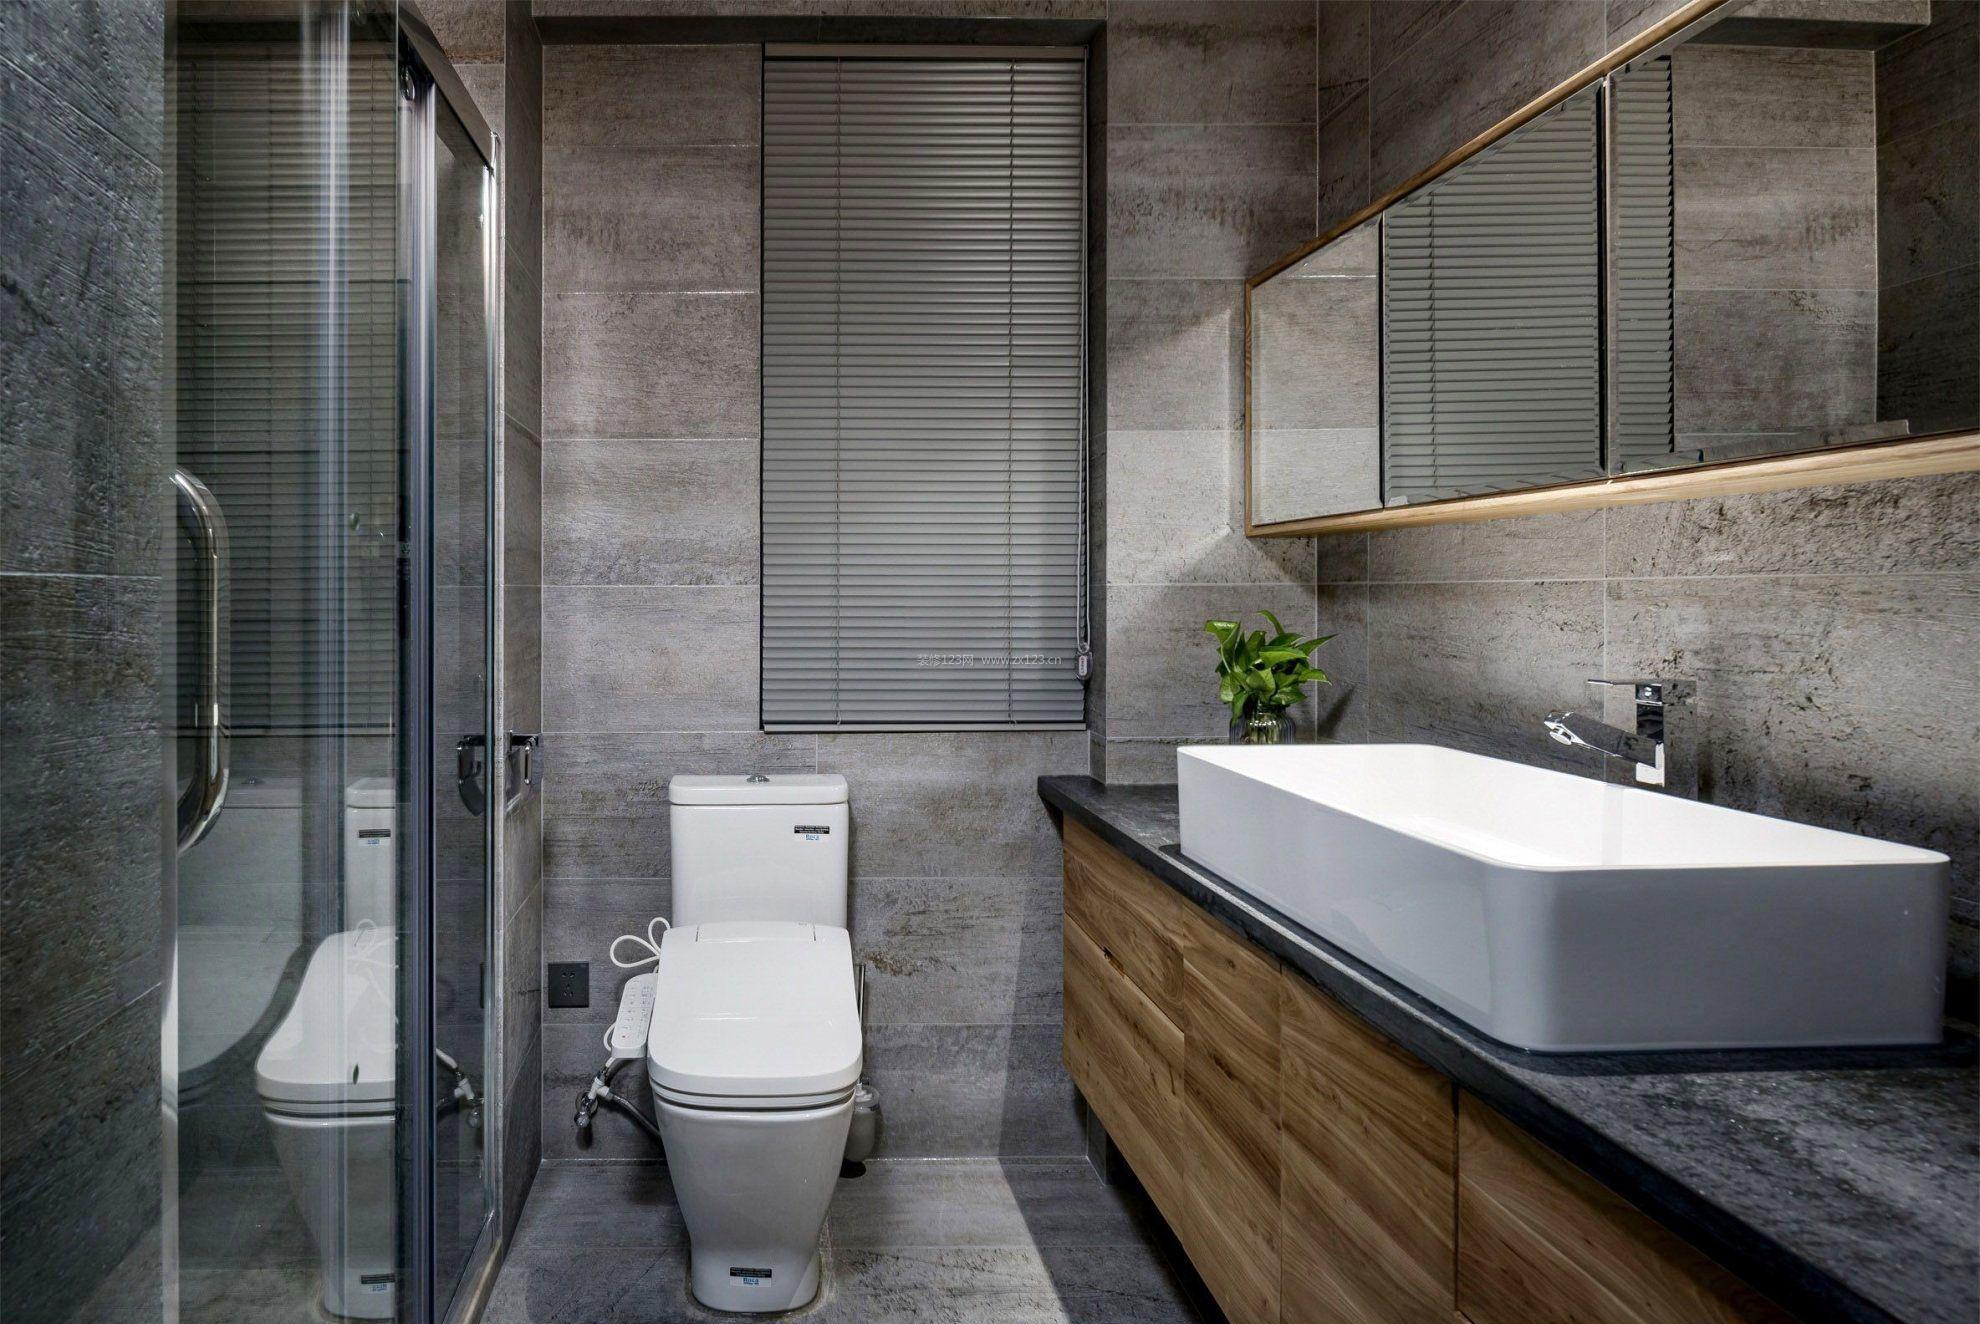 95平米房屋家装小卫生间装修效果图